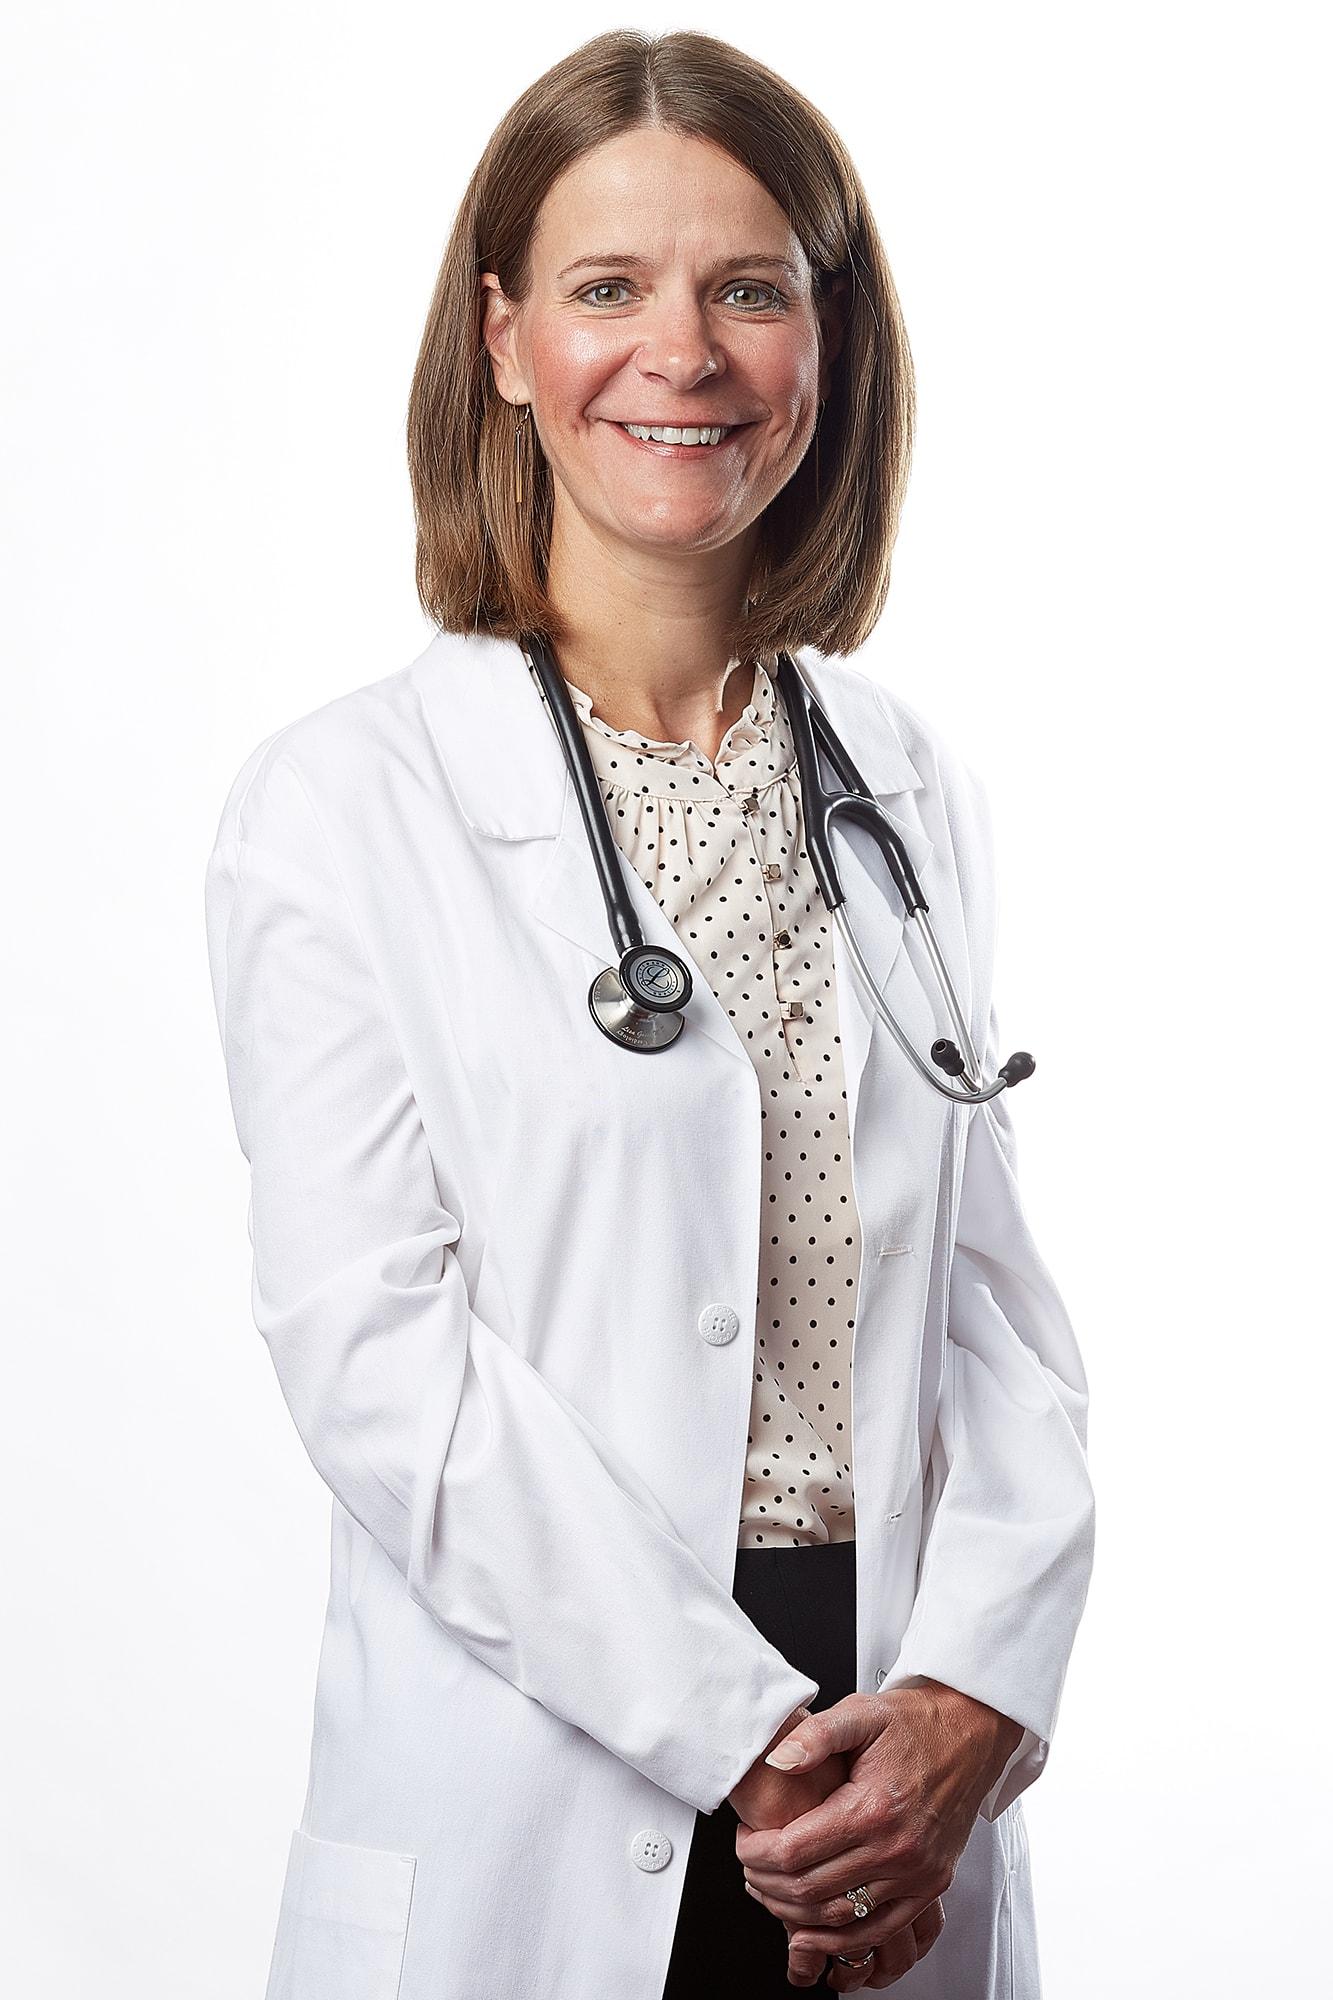 Dr. Lisa Goss